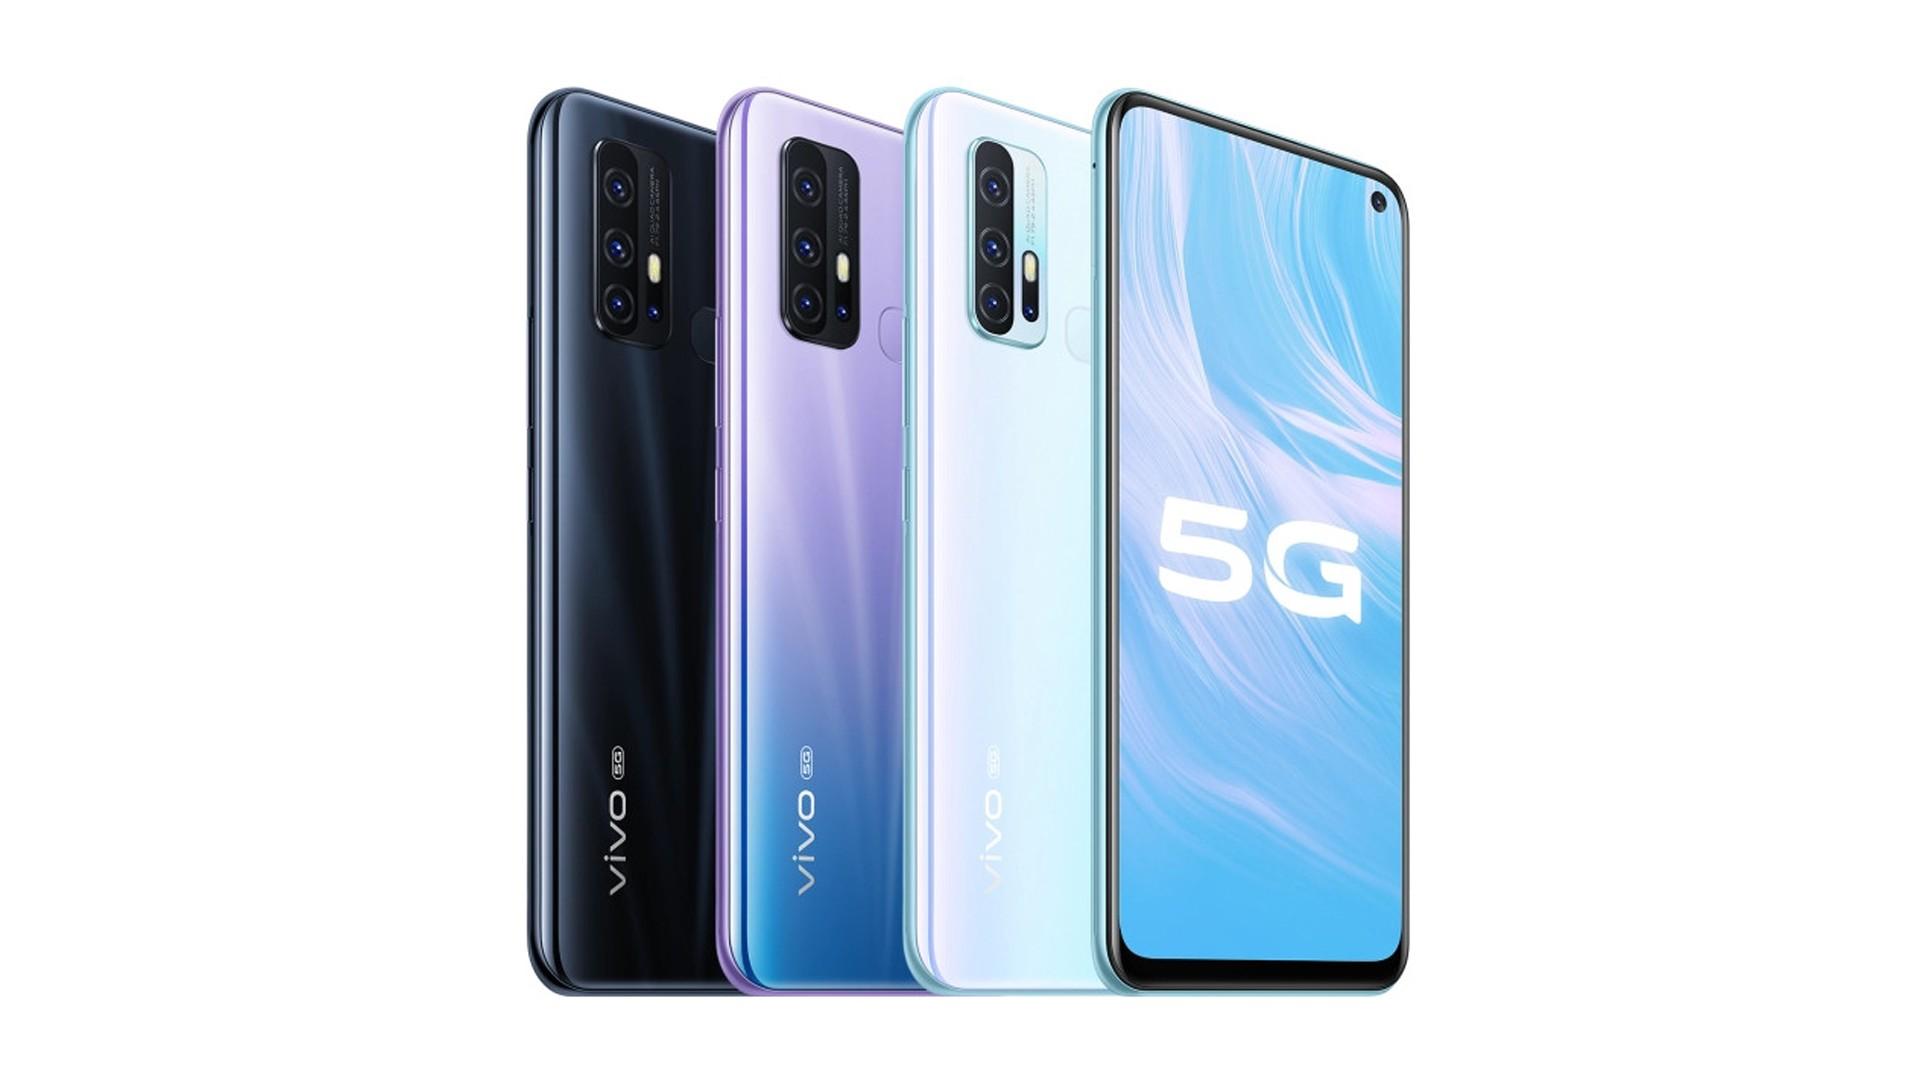 Questo smartphone 5G di Vivo farà faville nel segmento dei m